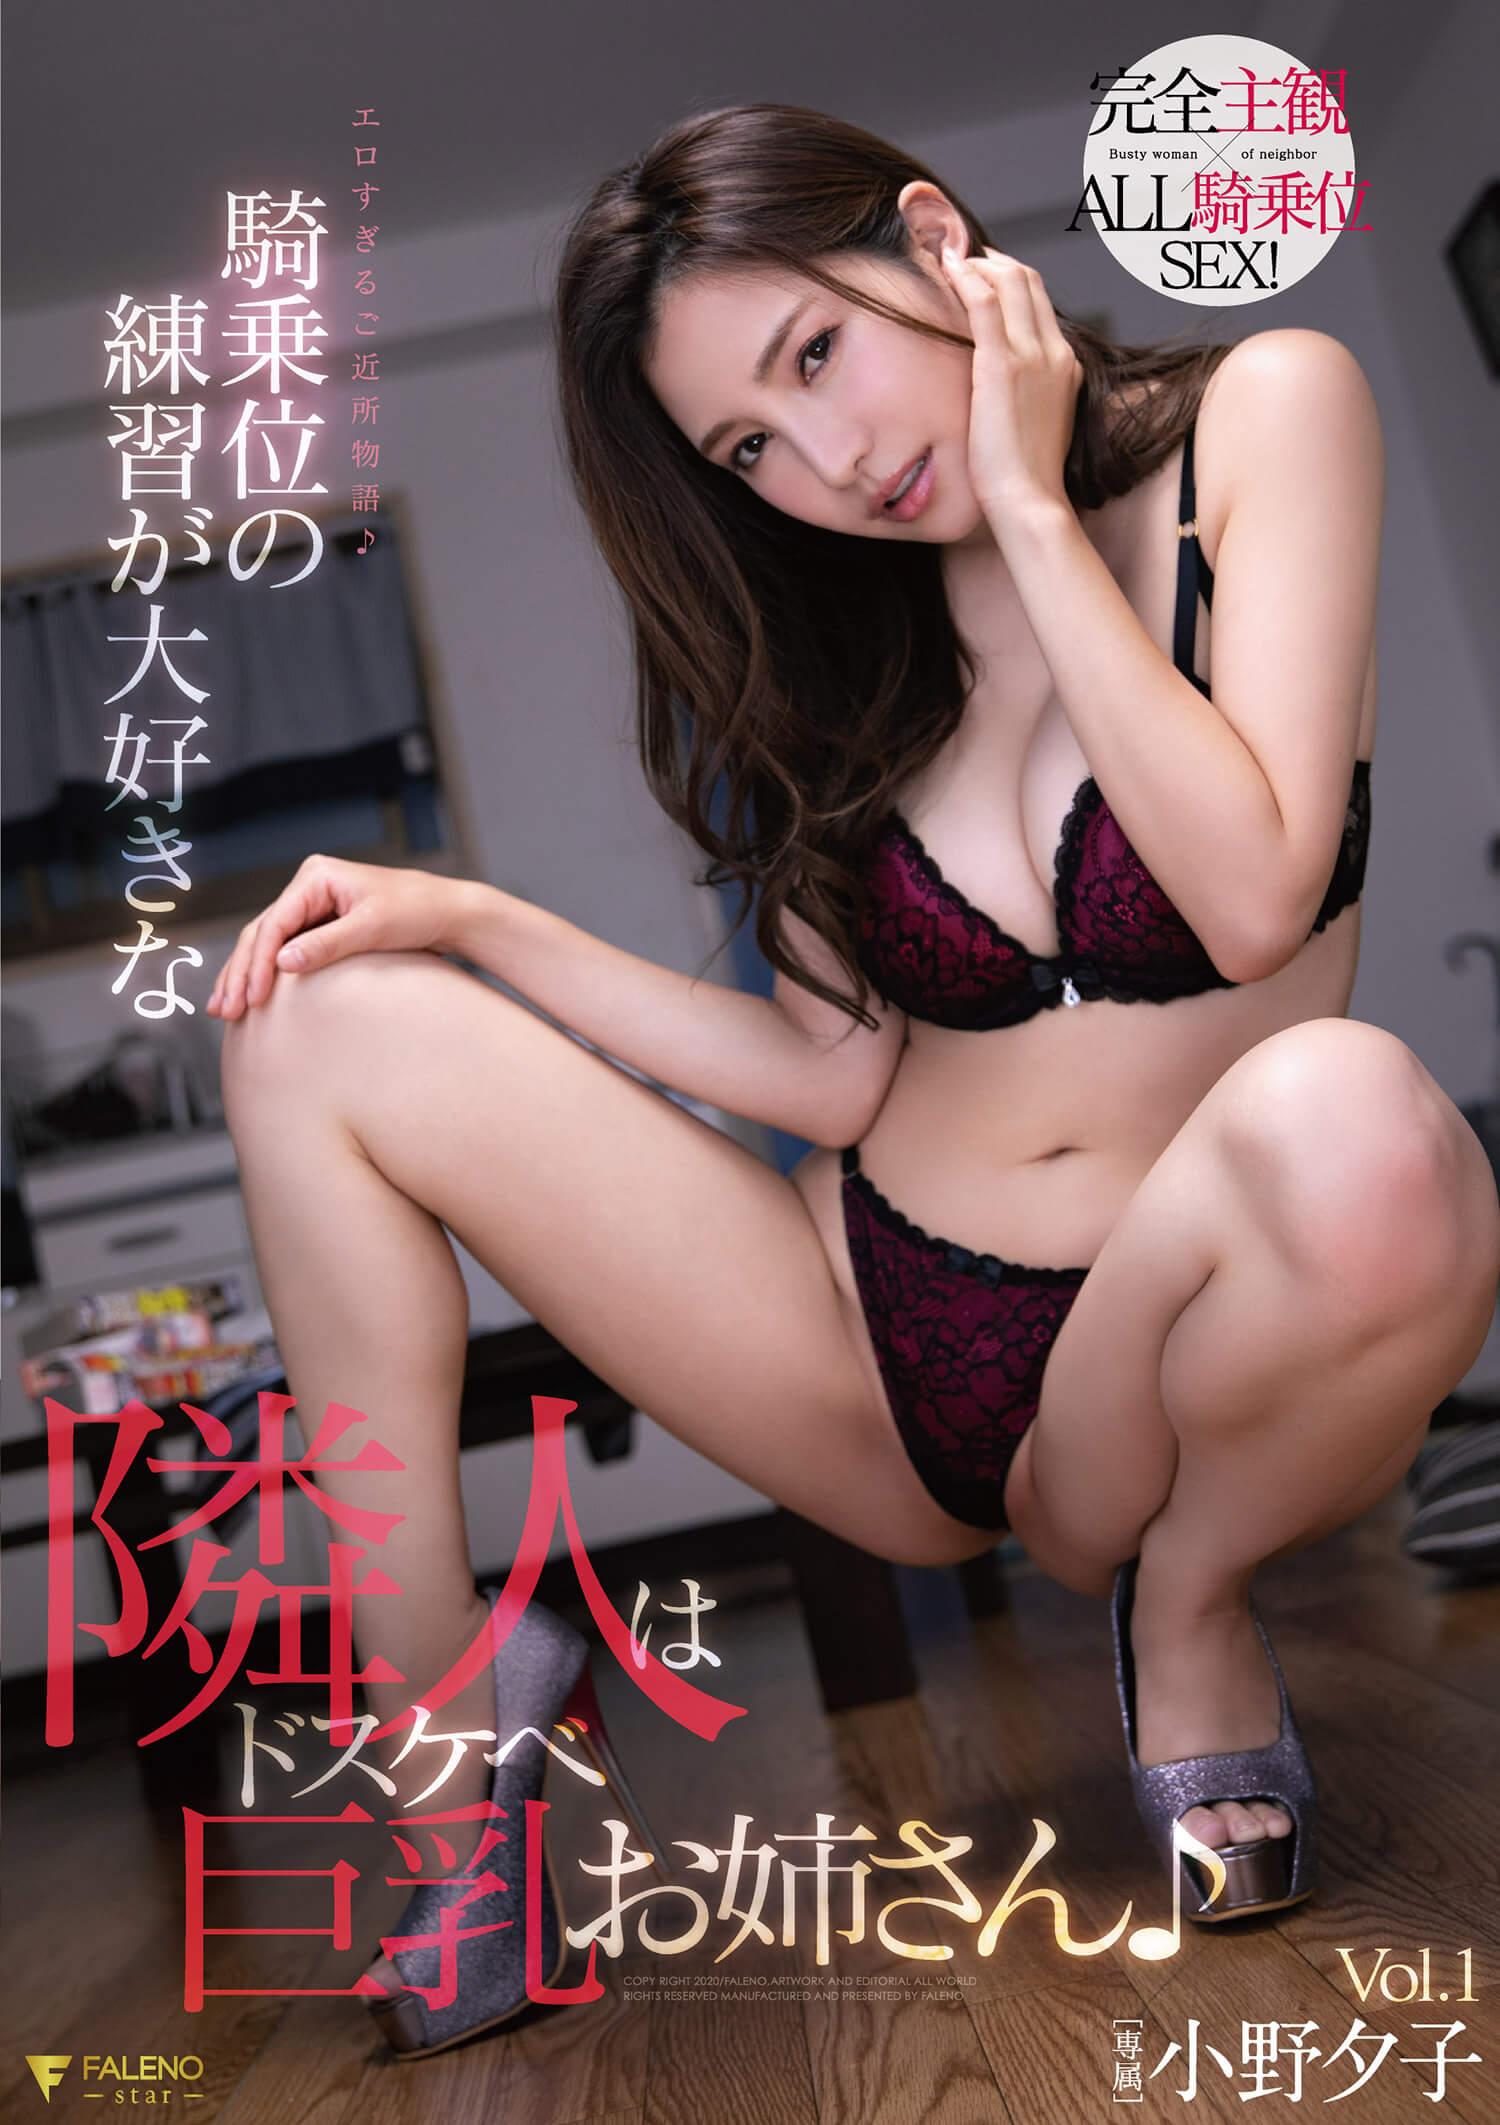 騎乗位の練習が大好きな隣人はドスケベ巨乳お姉さん♪ 小野夕子 Vol.1